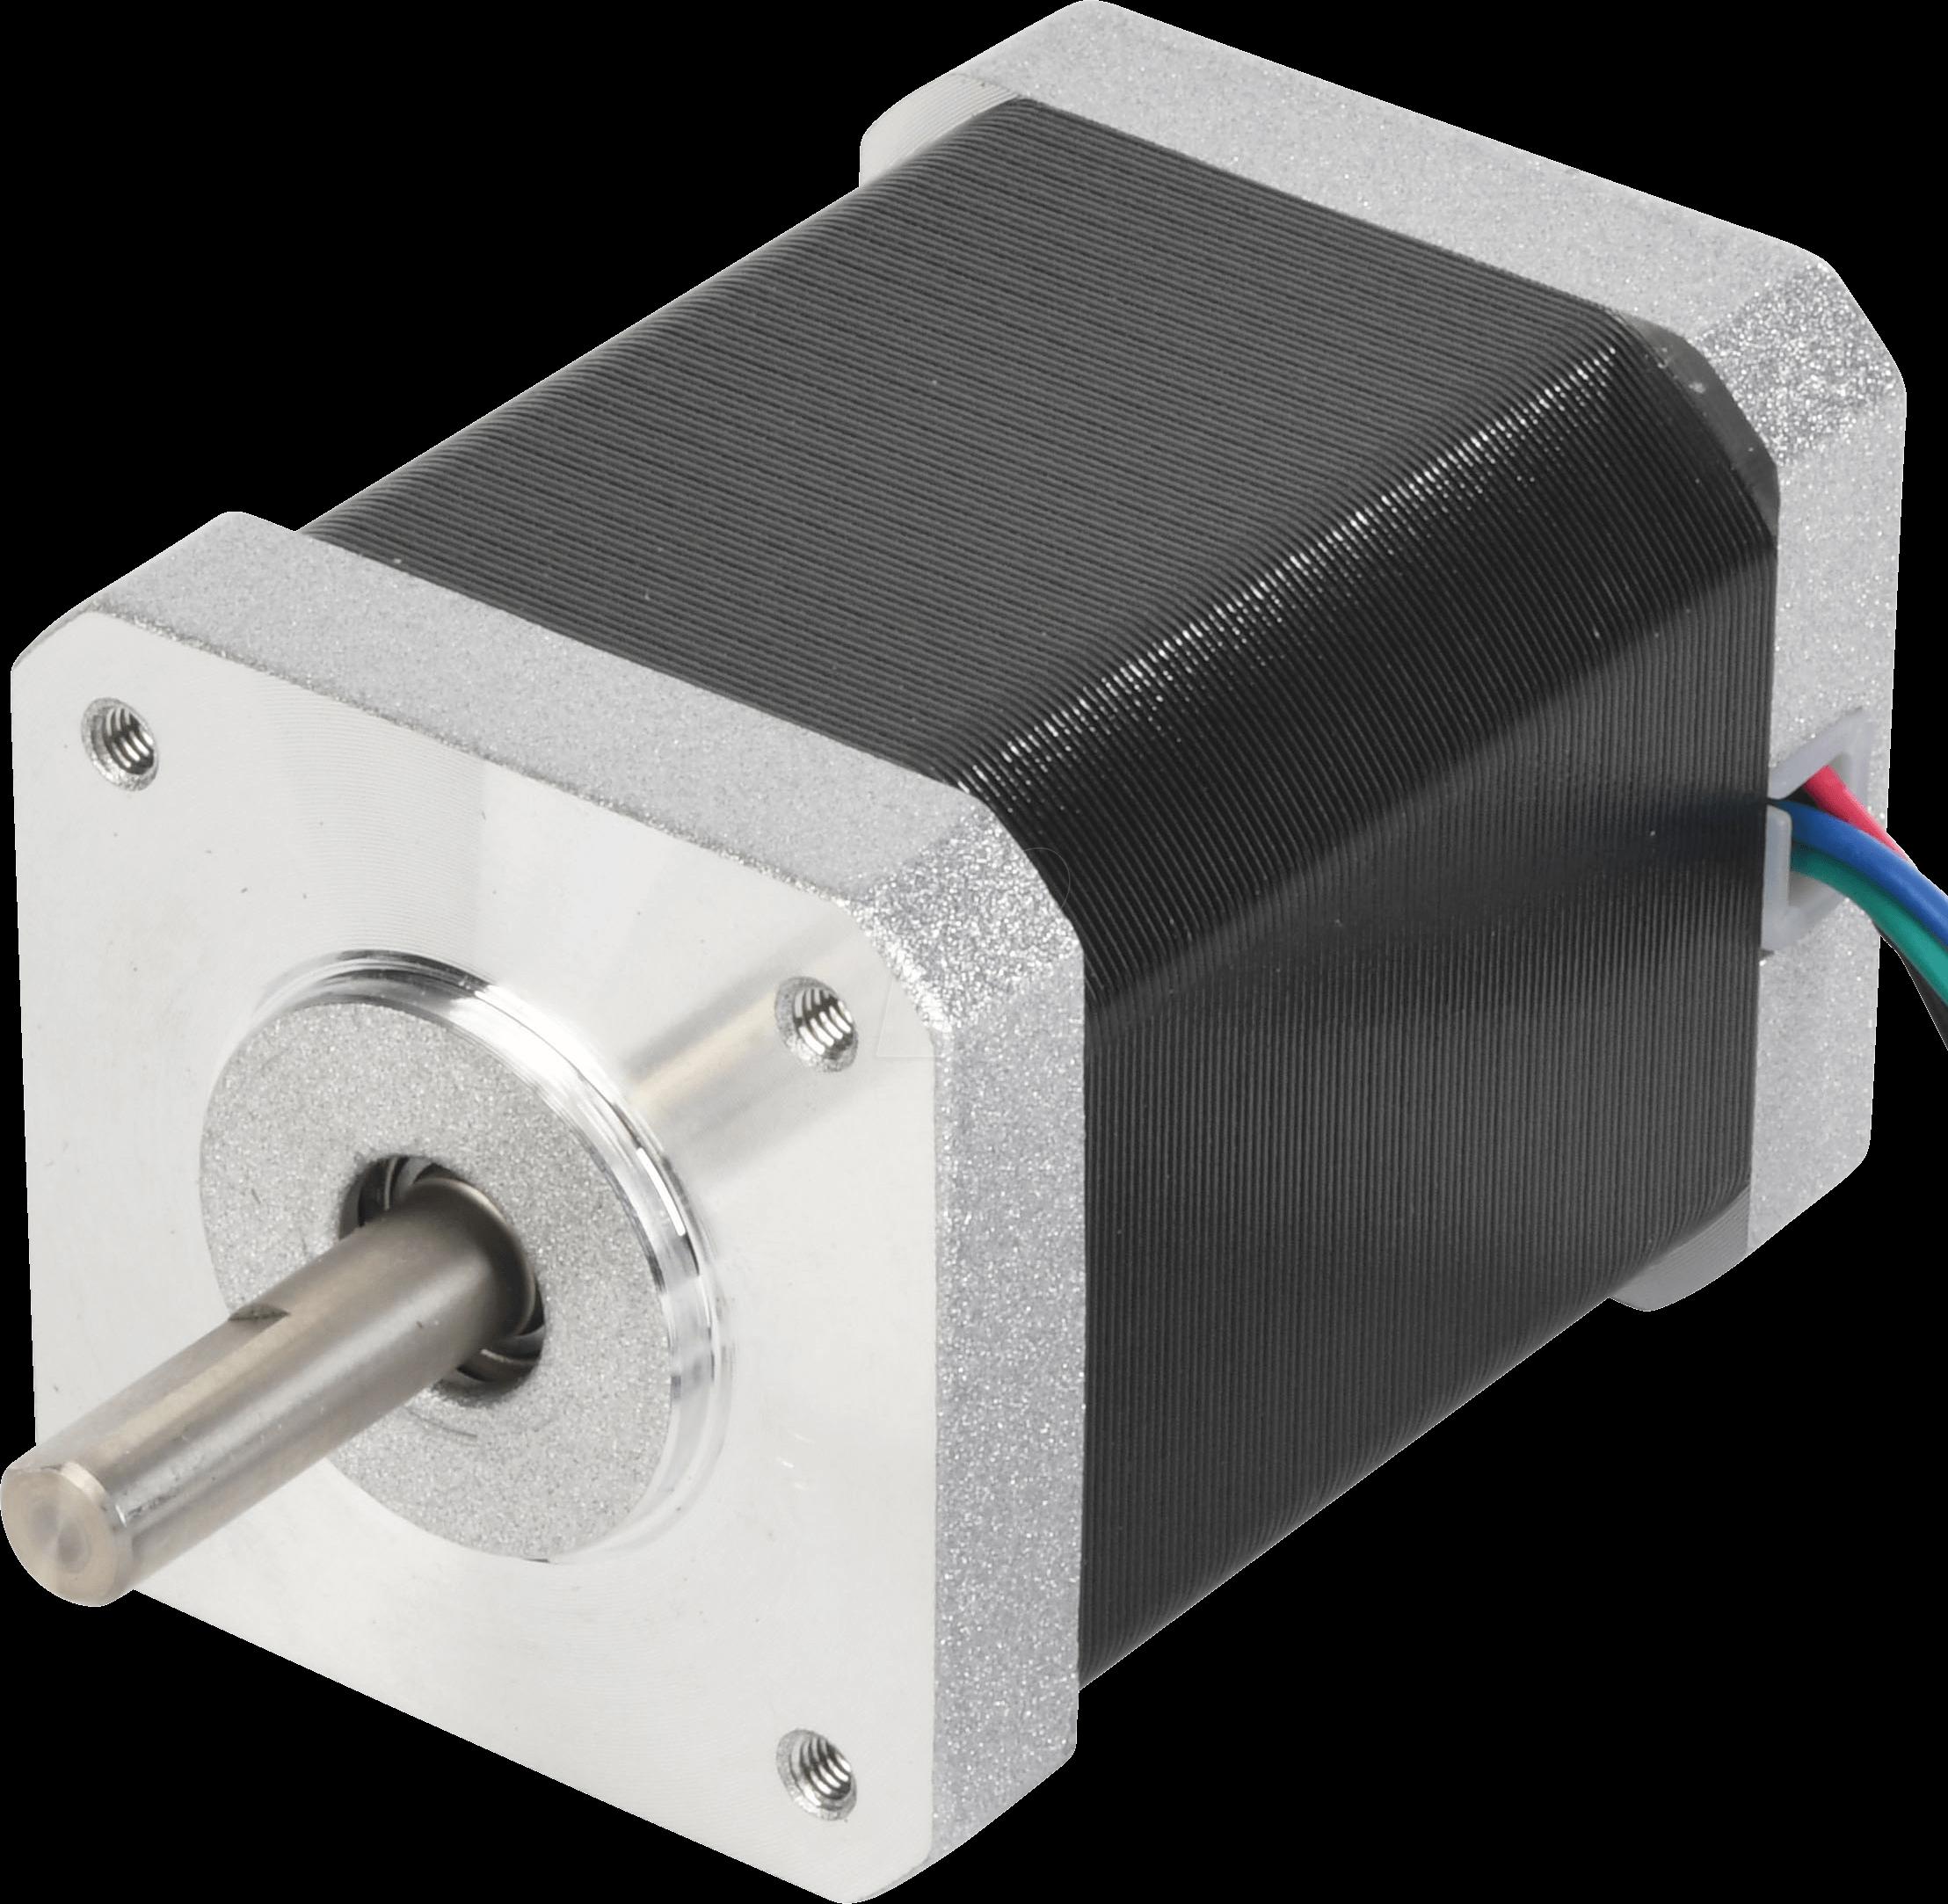 ACT 17HS6416D6L2 - Schrittmotor, 4 pol, 1,8 °, 3,52 V DC